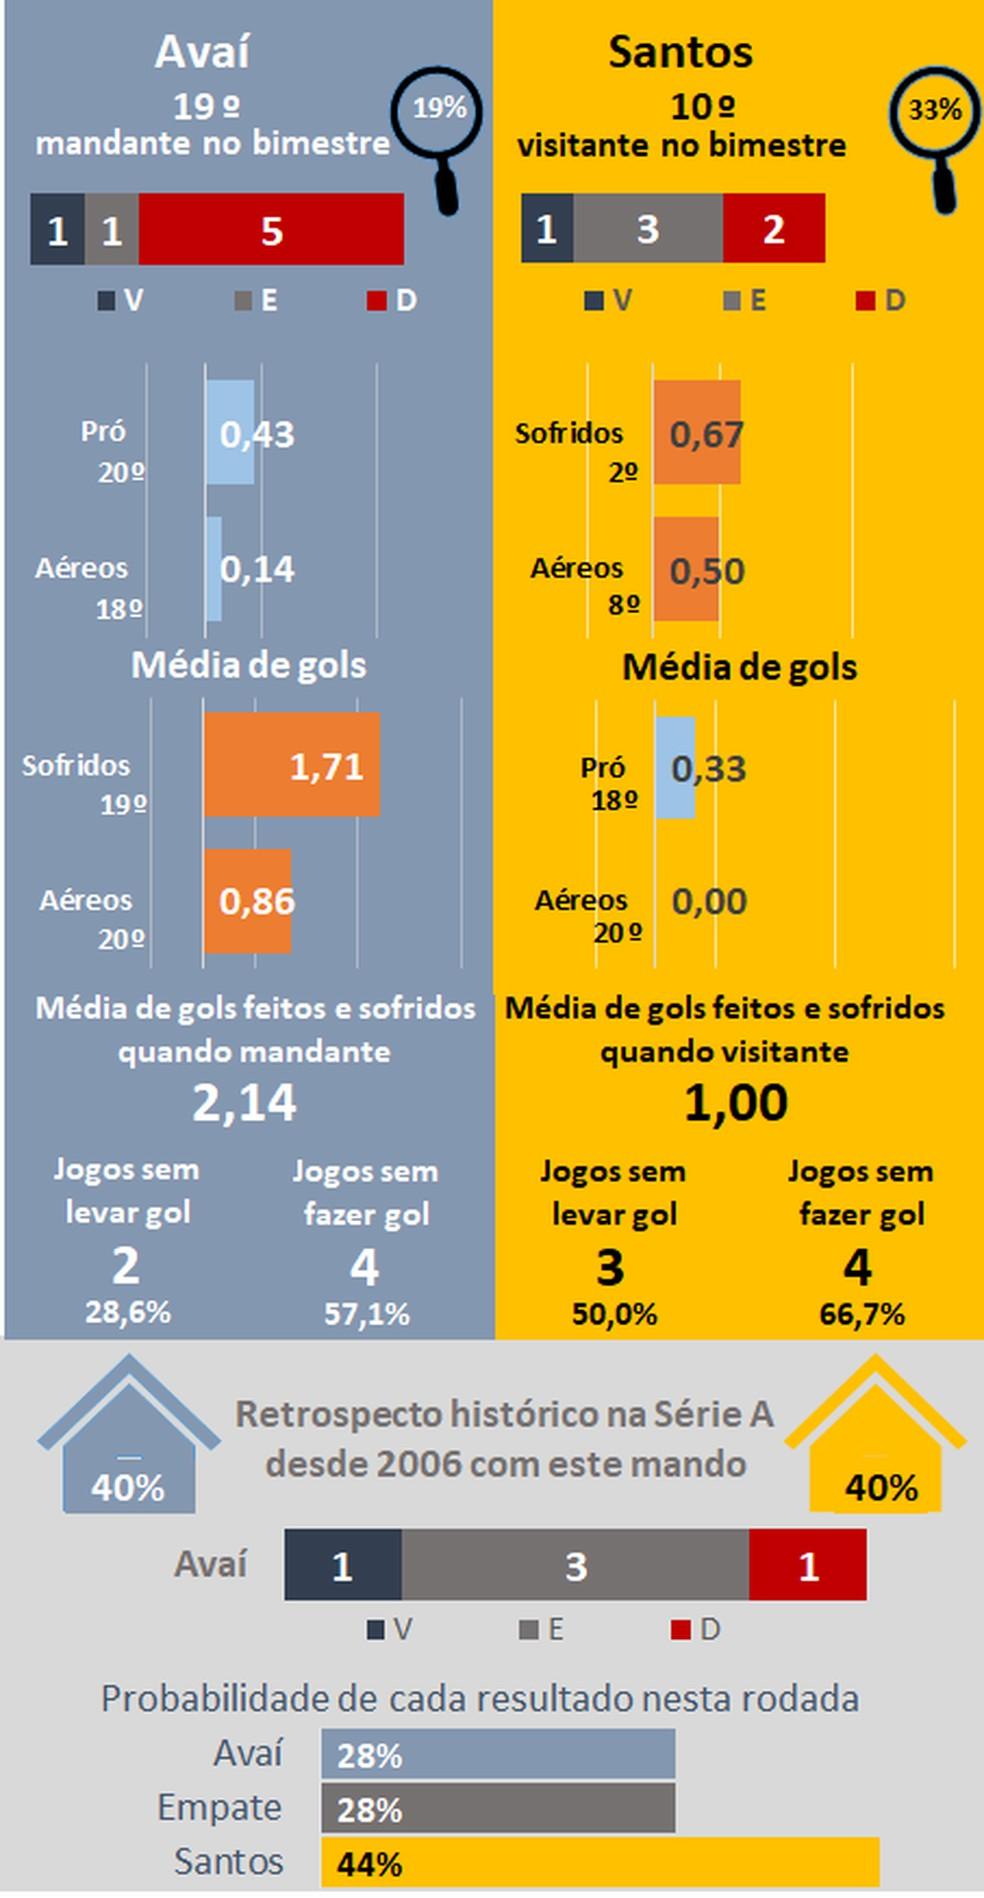 Favoritismos #31 — Foto: Espião Estatístico